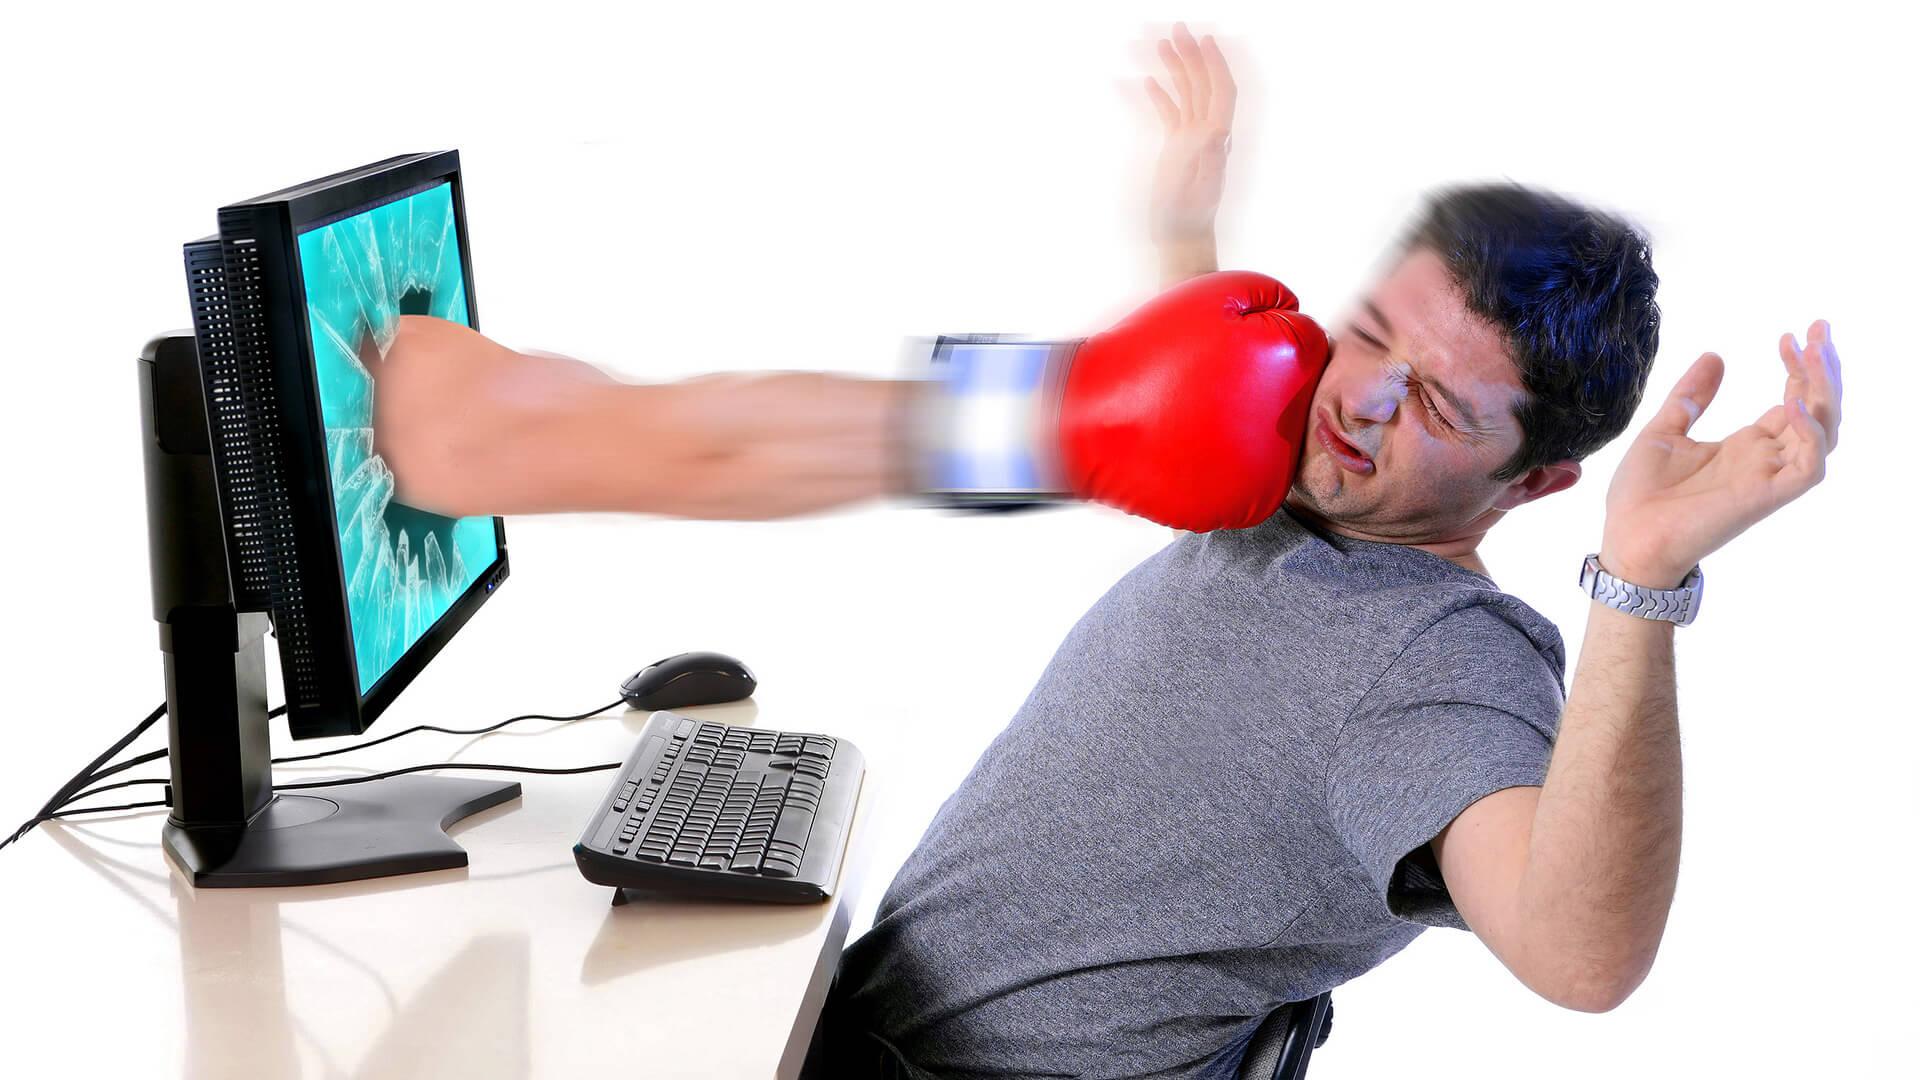 Статья за оскорбление в интернете